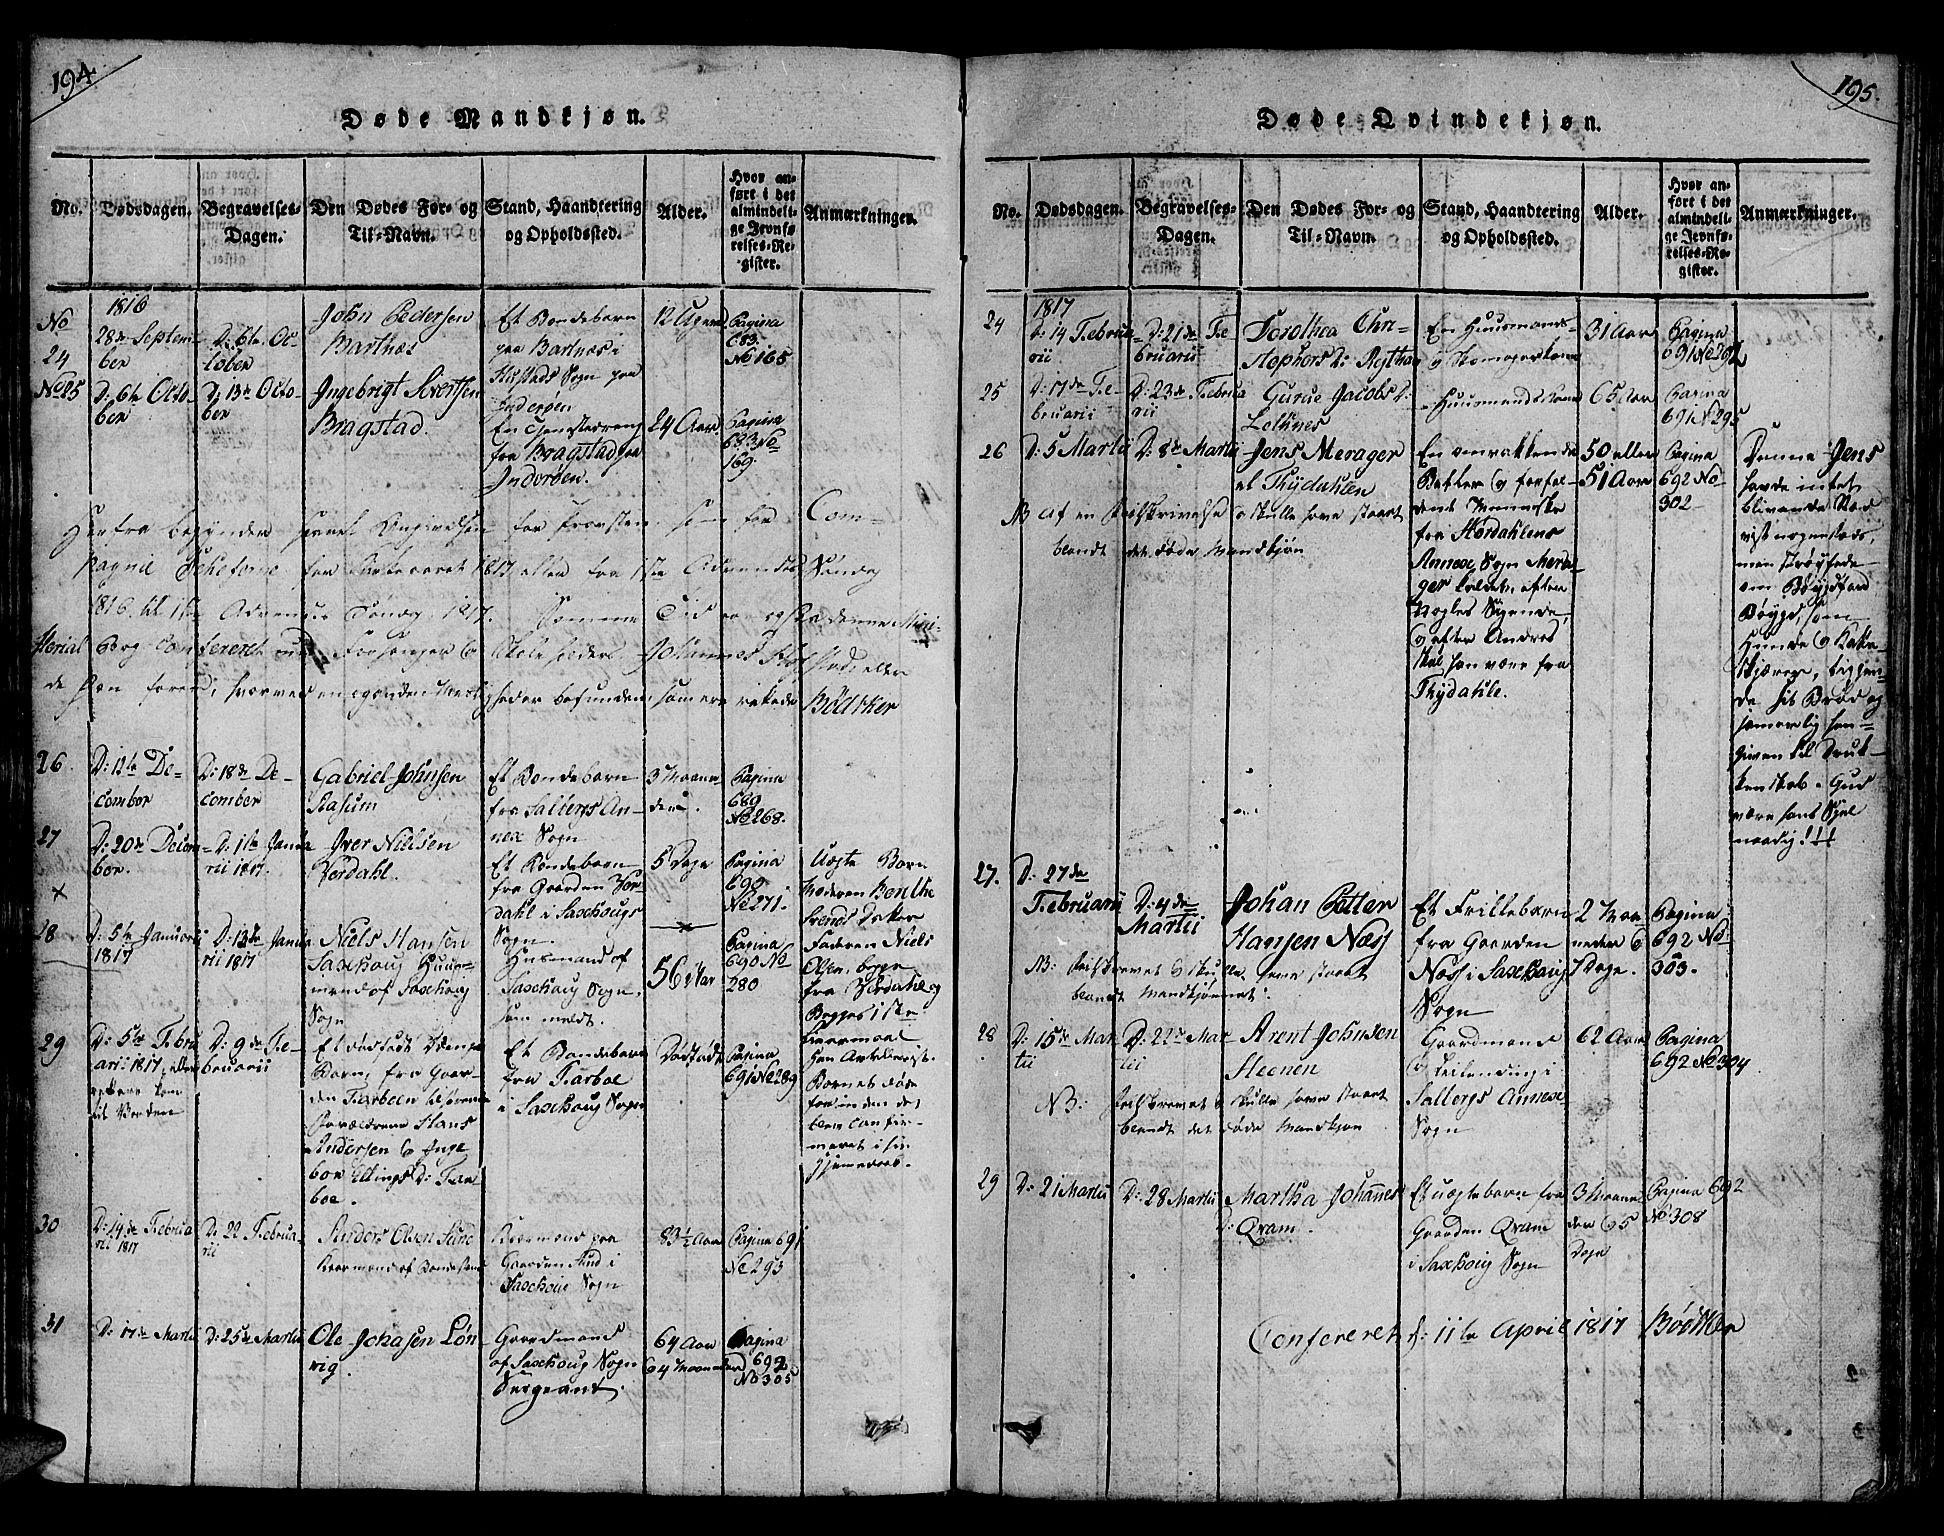 SAT, Ministerialprotokoller, klokkerbøker og fødselsregistre - Nord-Trøndelag, 730/L0275: Ministerialbok nr. 730A04, 1816-1822, s. 194-195